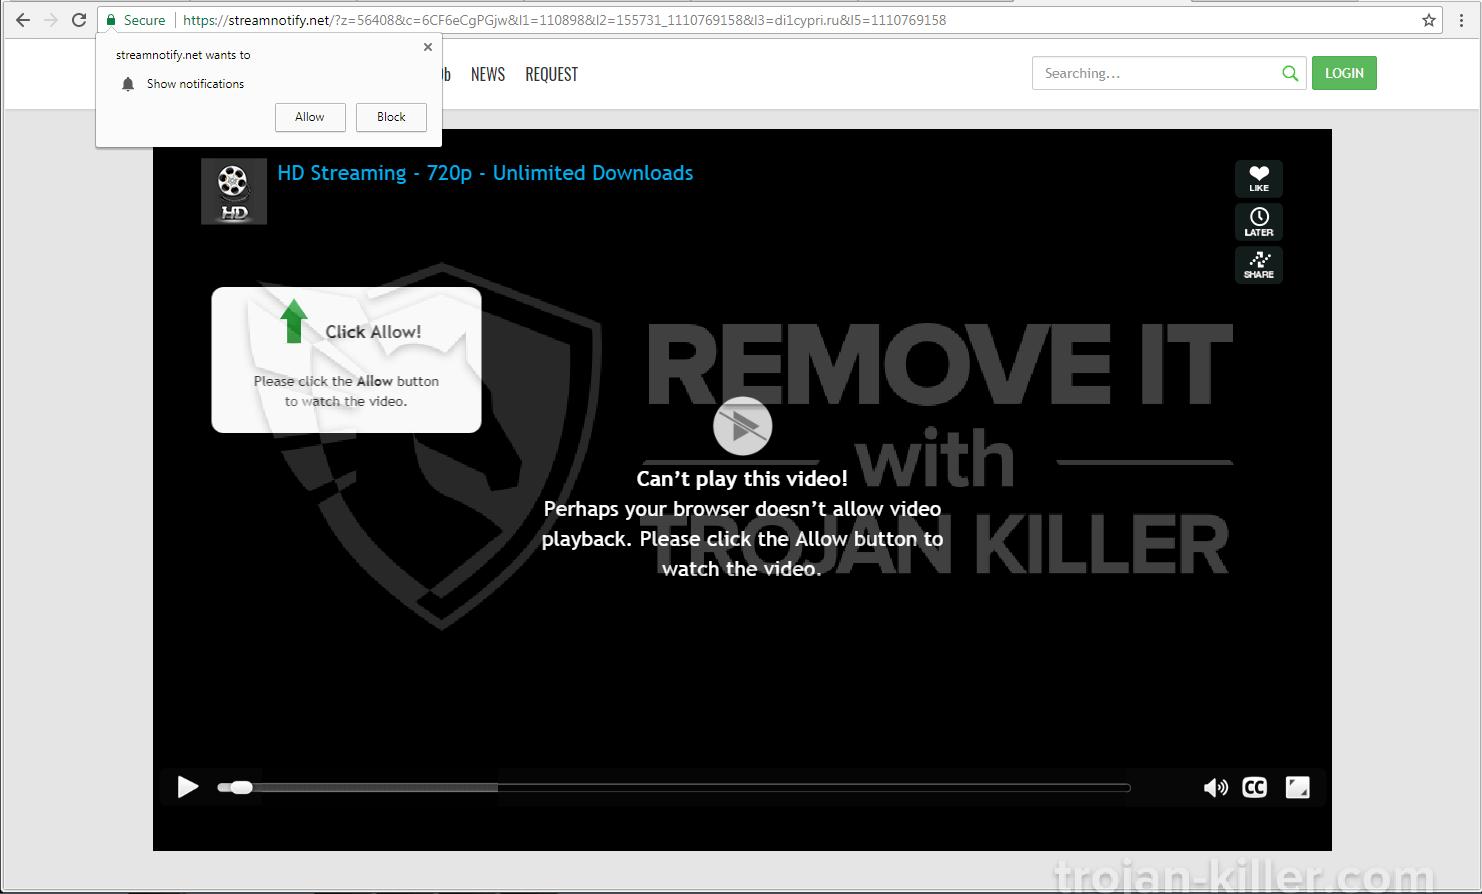 Streamnotify.net virus